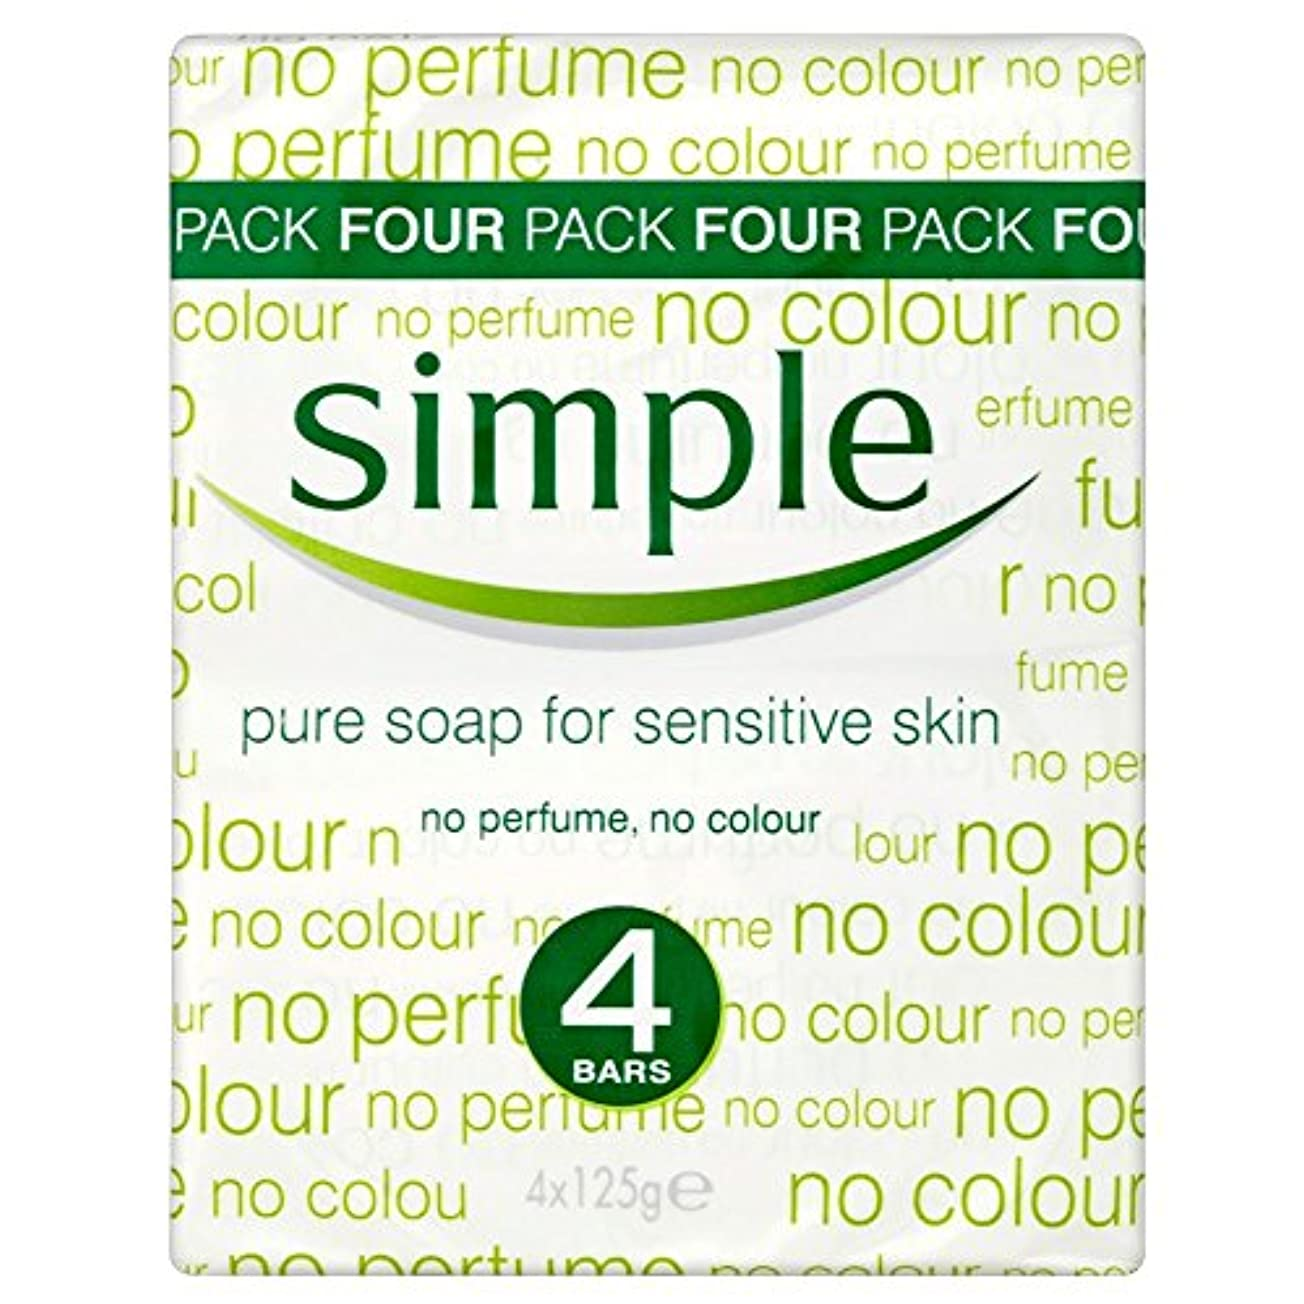 集まる肌寒い配分Simple Pure Soap for Sensitive Skin (4x125g) 敏感肌のためのシンプルな純粋な石鹸( 4X125G ) [並行輸入品]